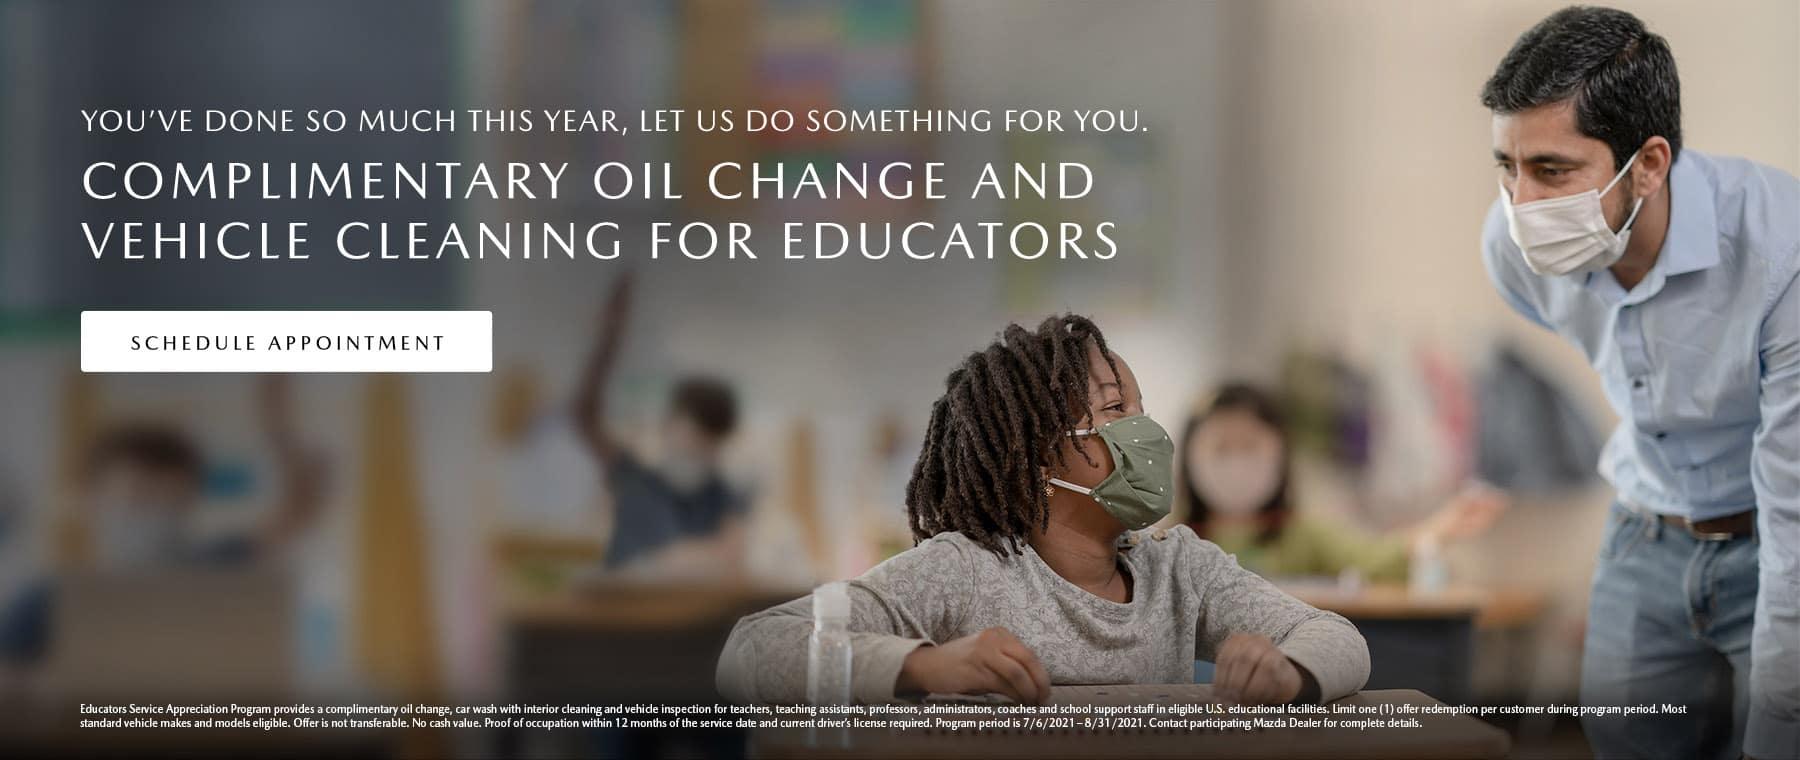 Educators Service Appreciation Program